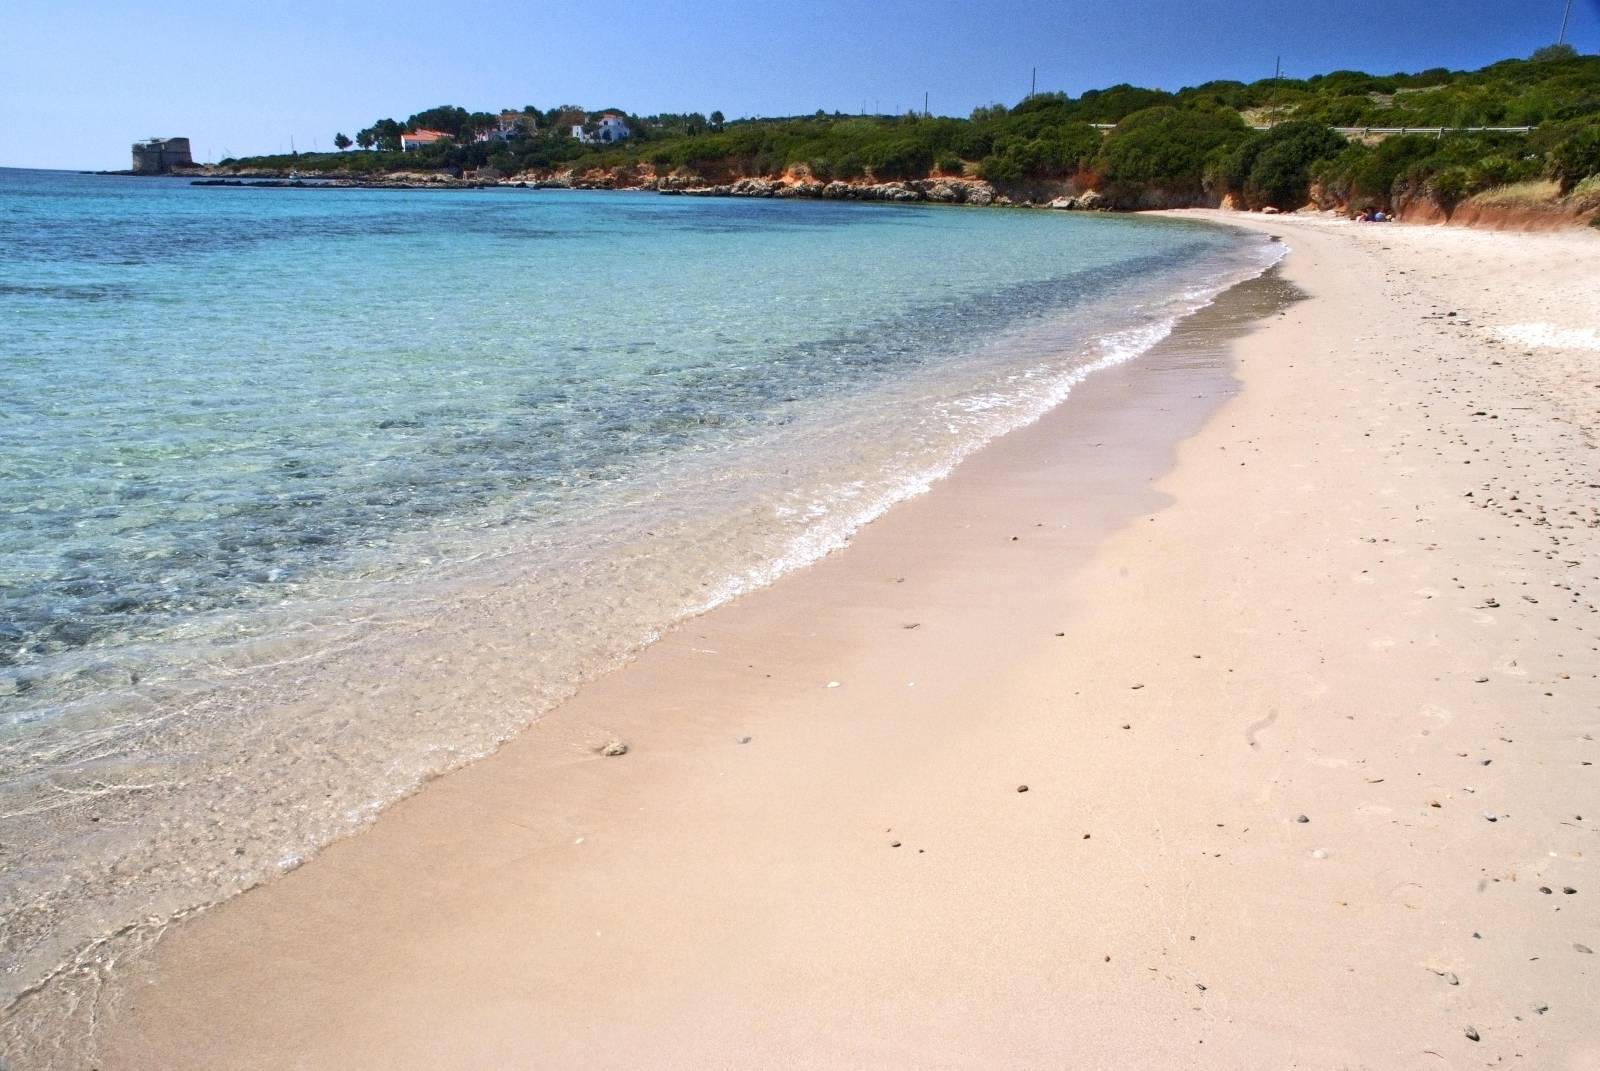 Spiagge della sardegna dell 39 ovest quali sono le pi belle for Disegni della casa sulla spiaggia